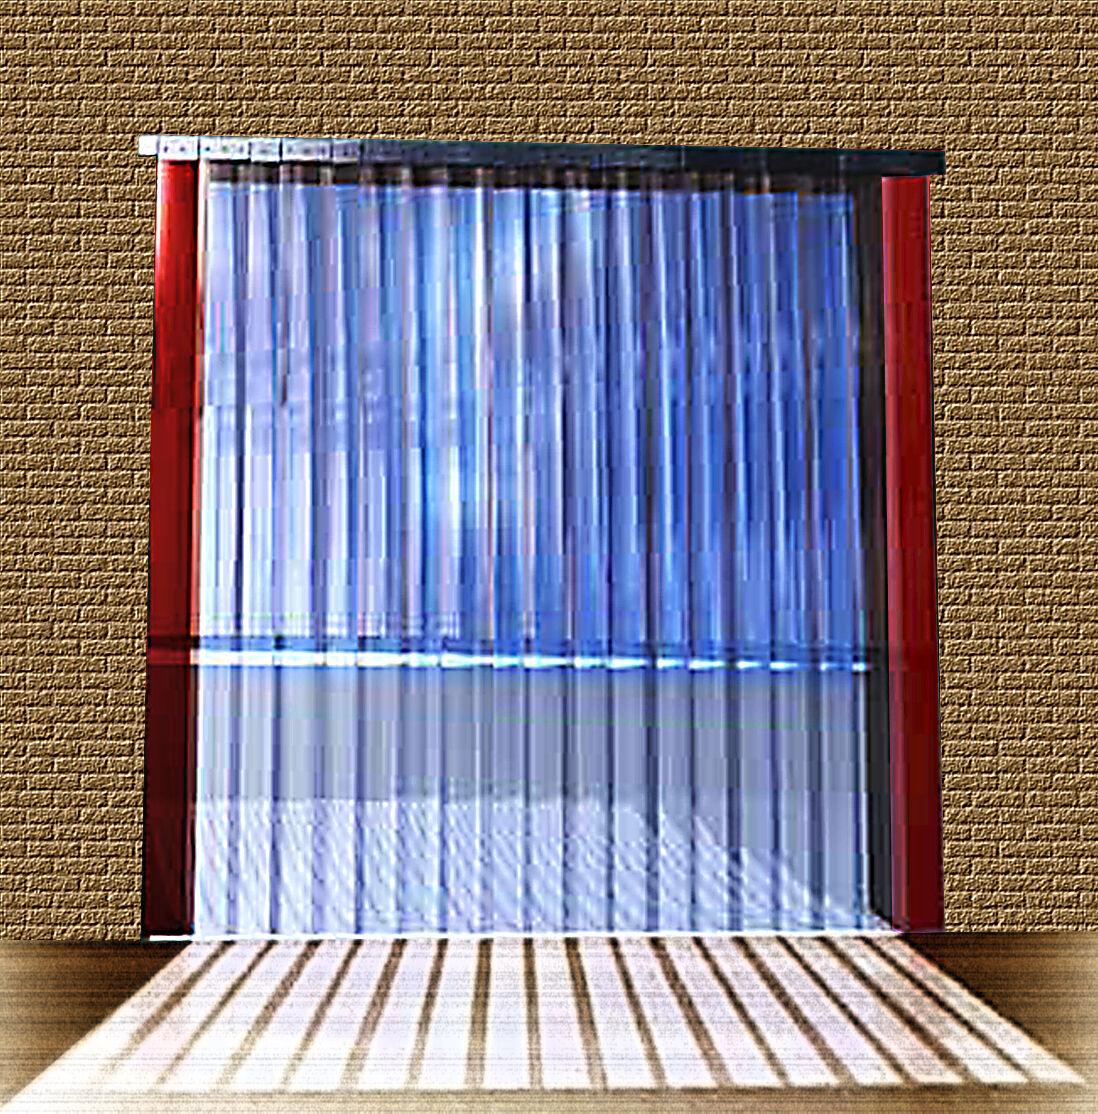 B 3 00m x x x H2 25m Lamellen PVC Streifen Vorhang 300x3mm 2c8c0d